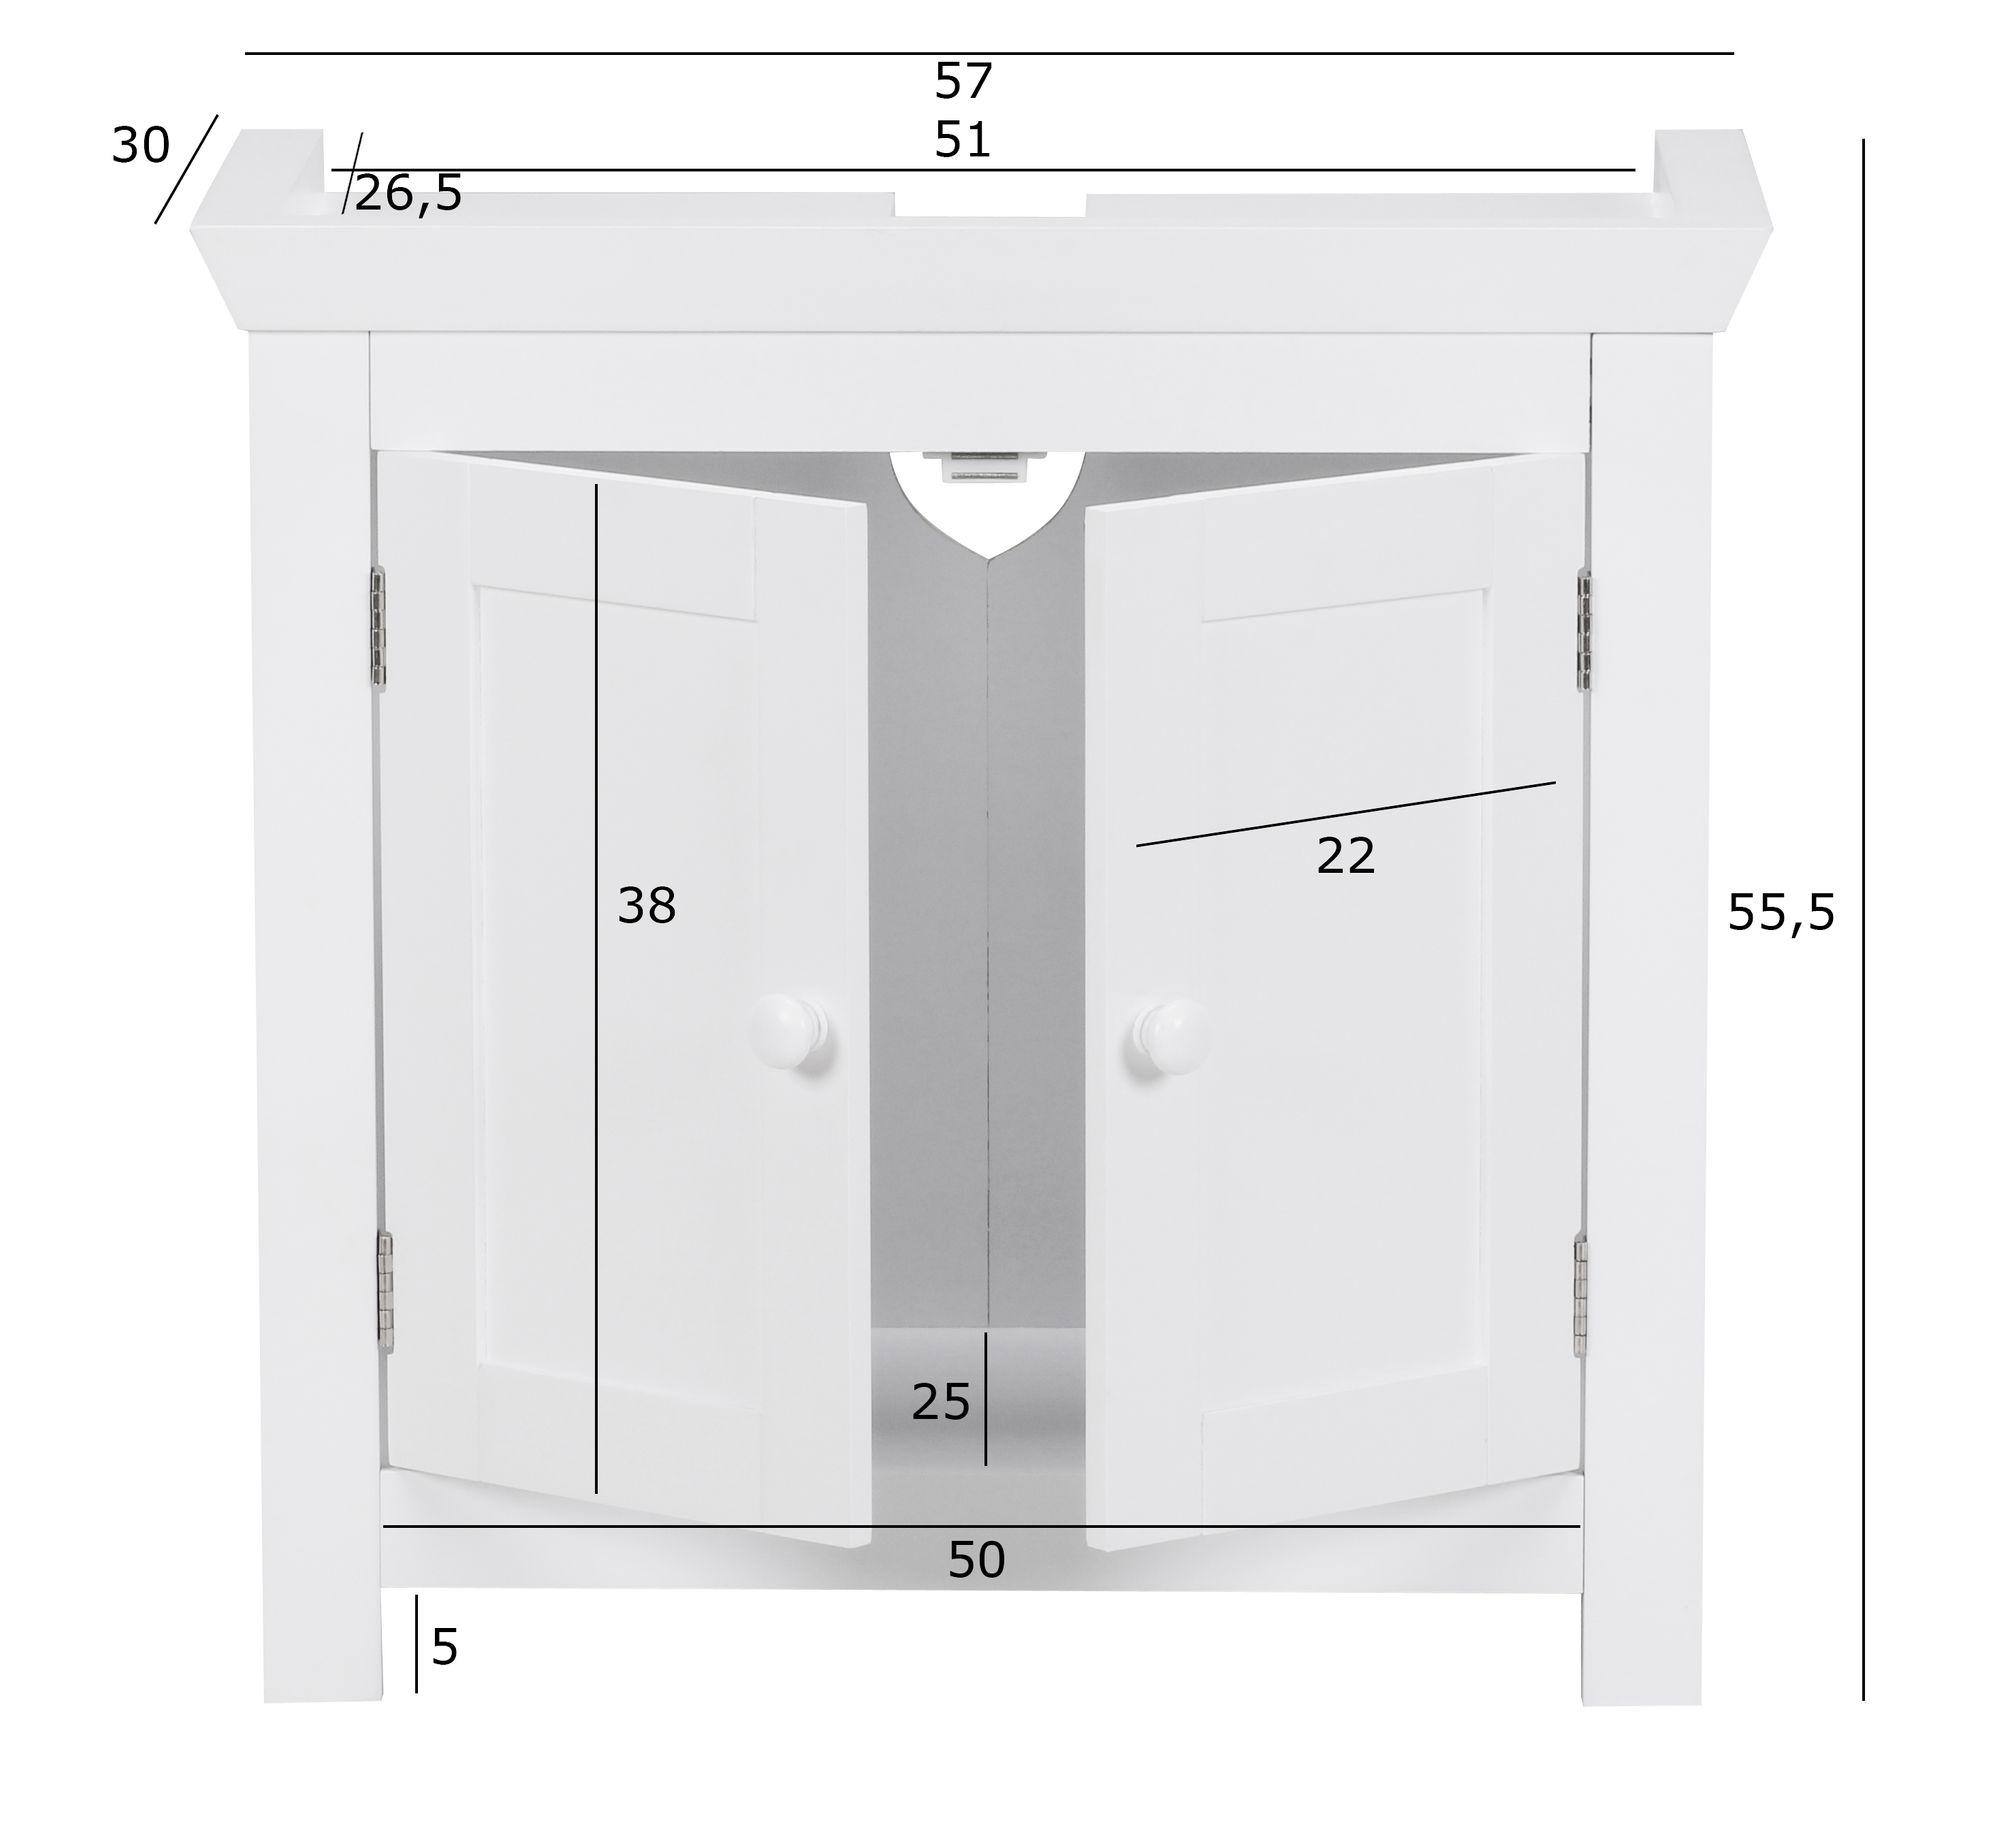 Finebuy Design Waschbeckenunterschrank Fb37103 Badunterschrank Mit